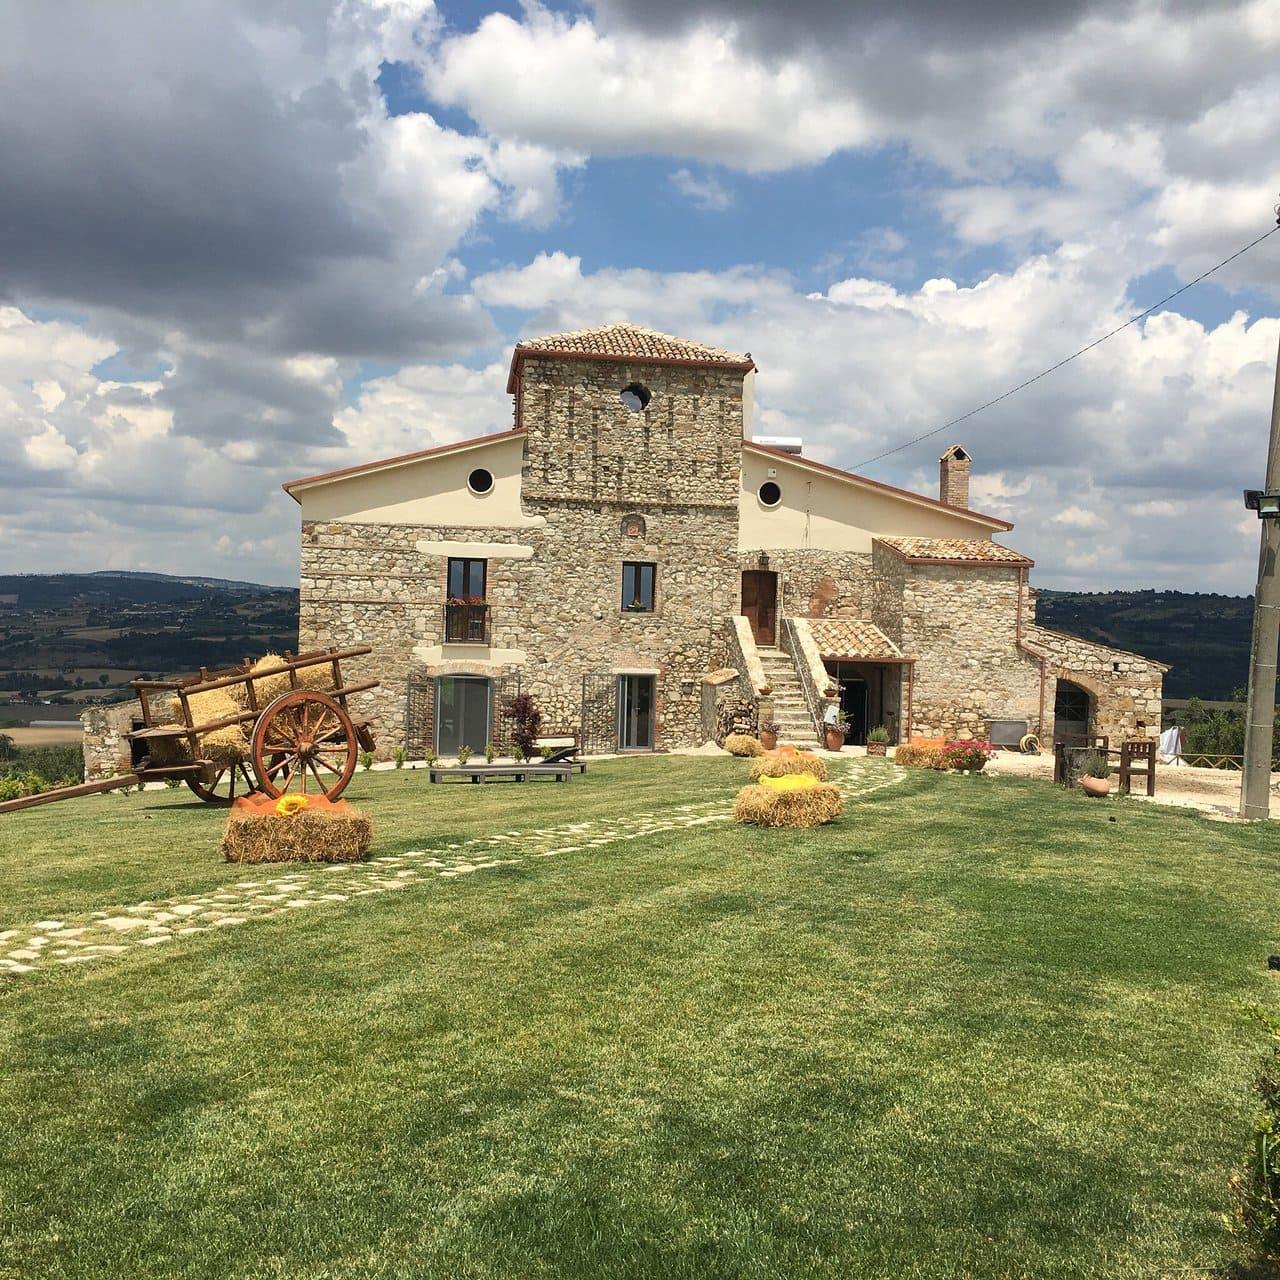 agriturismo-in-Campania-dove-si-mangia-bene-La-Torretta-Baronale